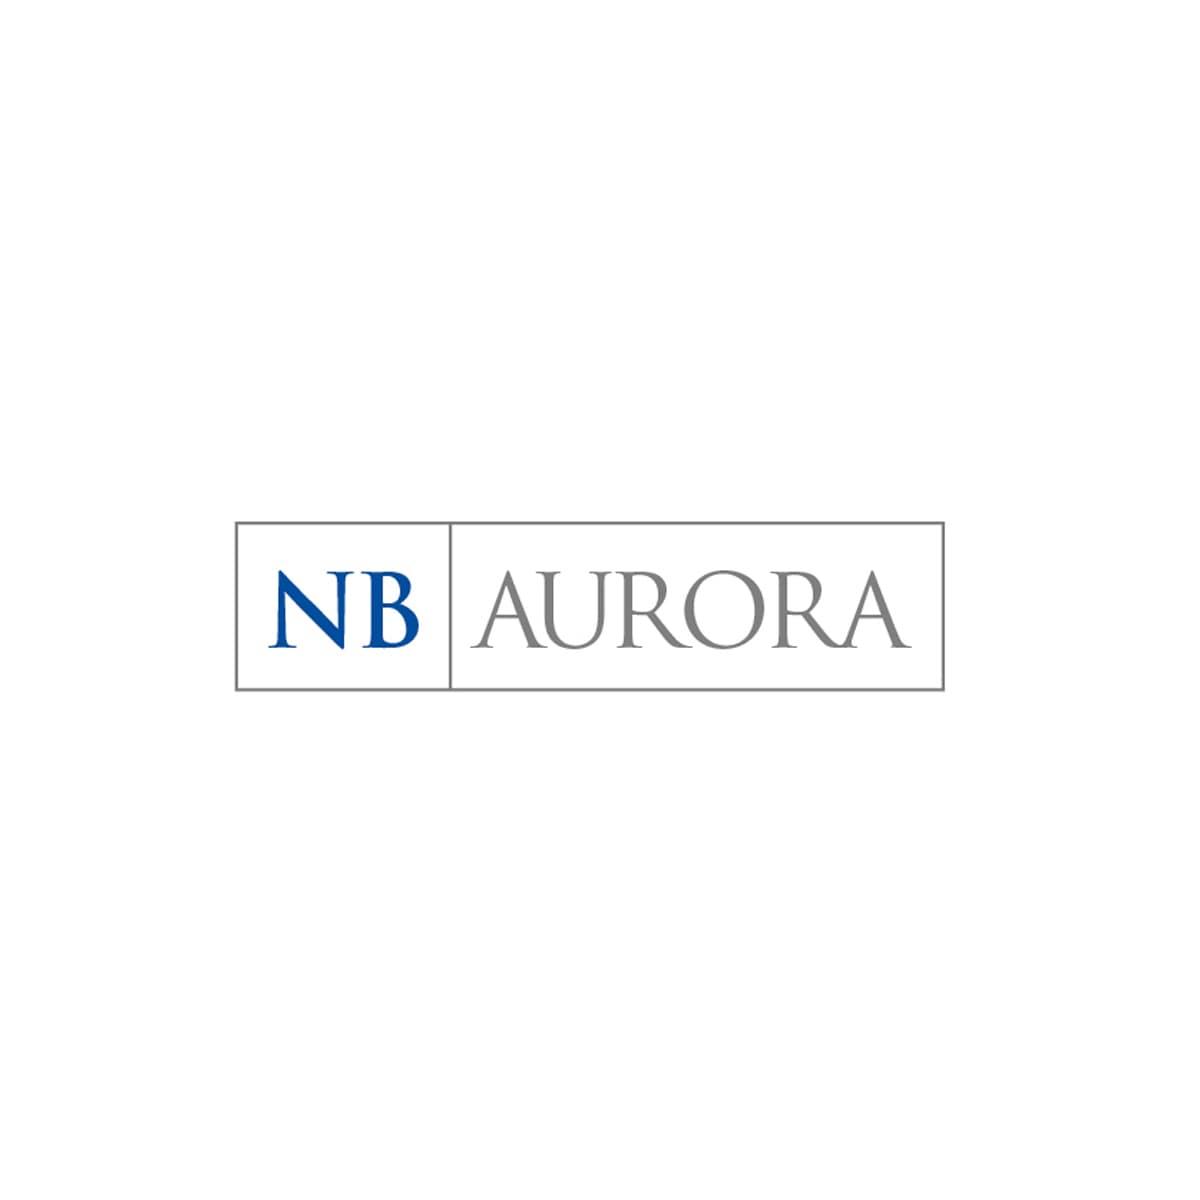 NB Aurora sottoscrive un accordo di co-invesimento